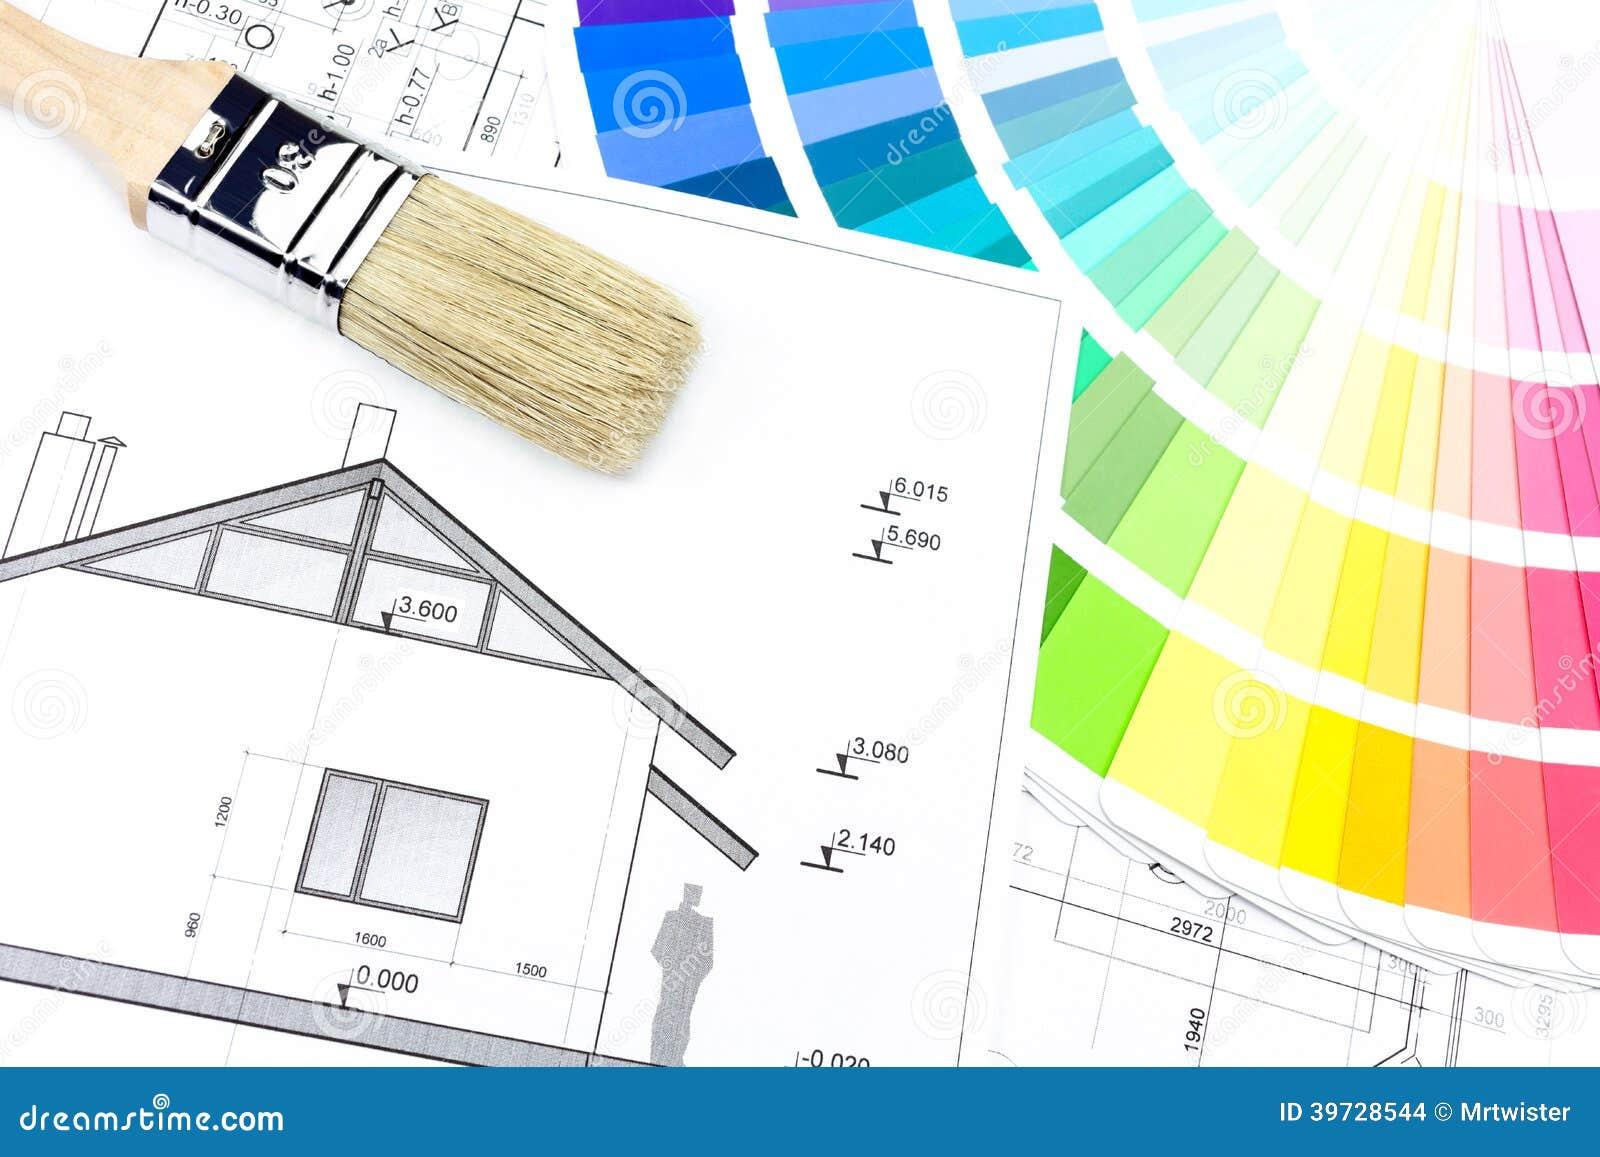 Dessin la maison avec la palette de couleurs photo stock image du concepts papier 39728544 - La maison des couleurs ...